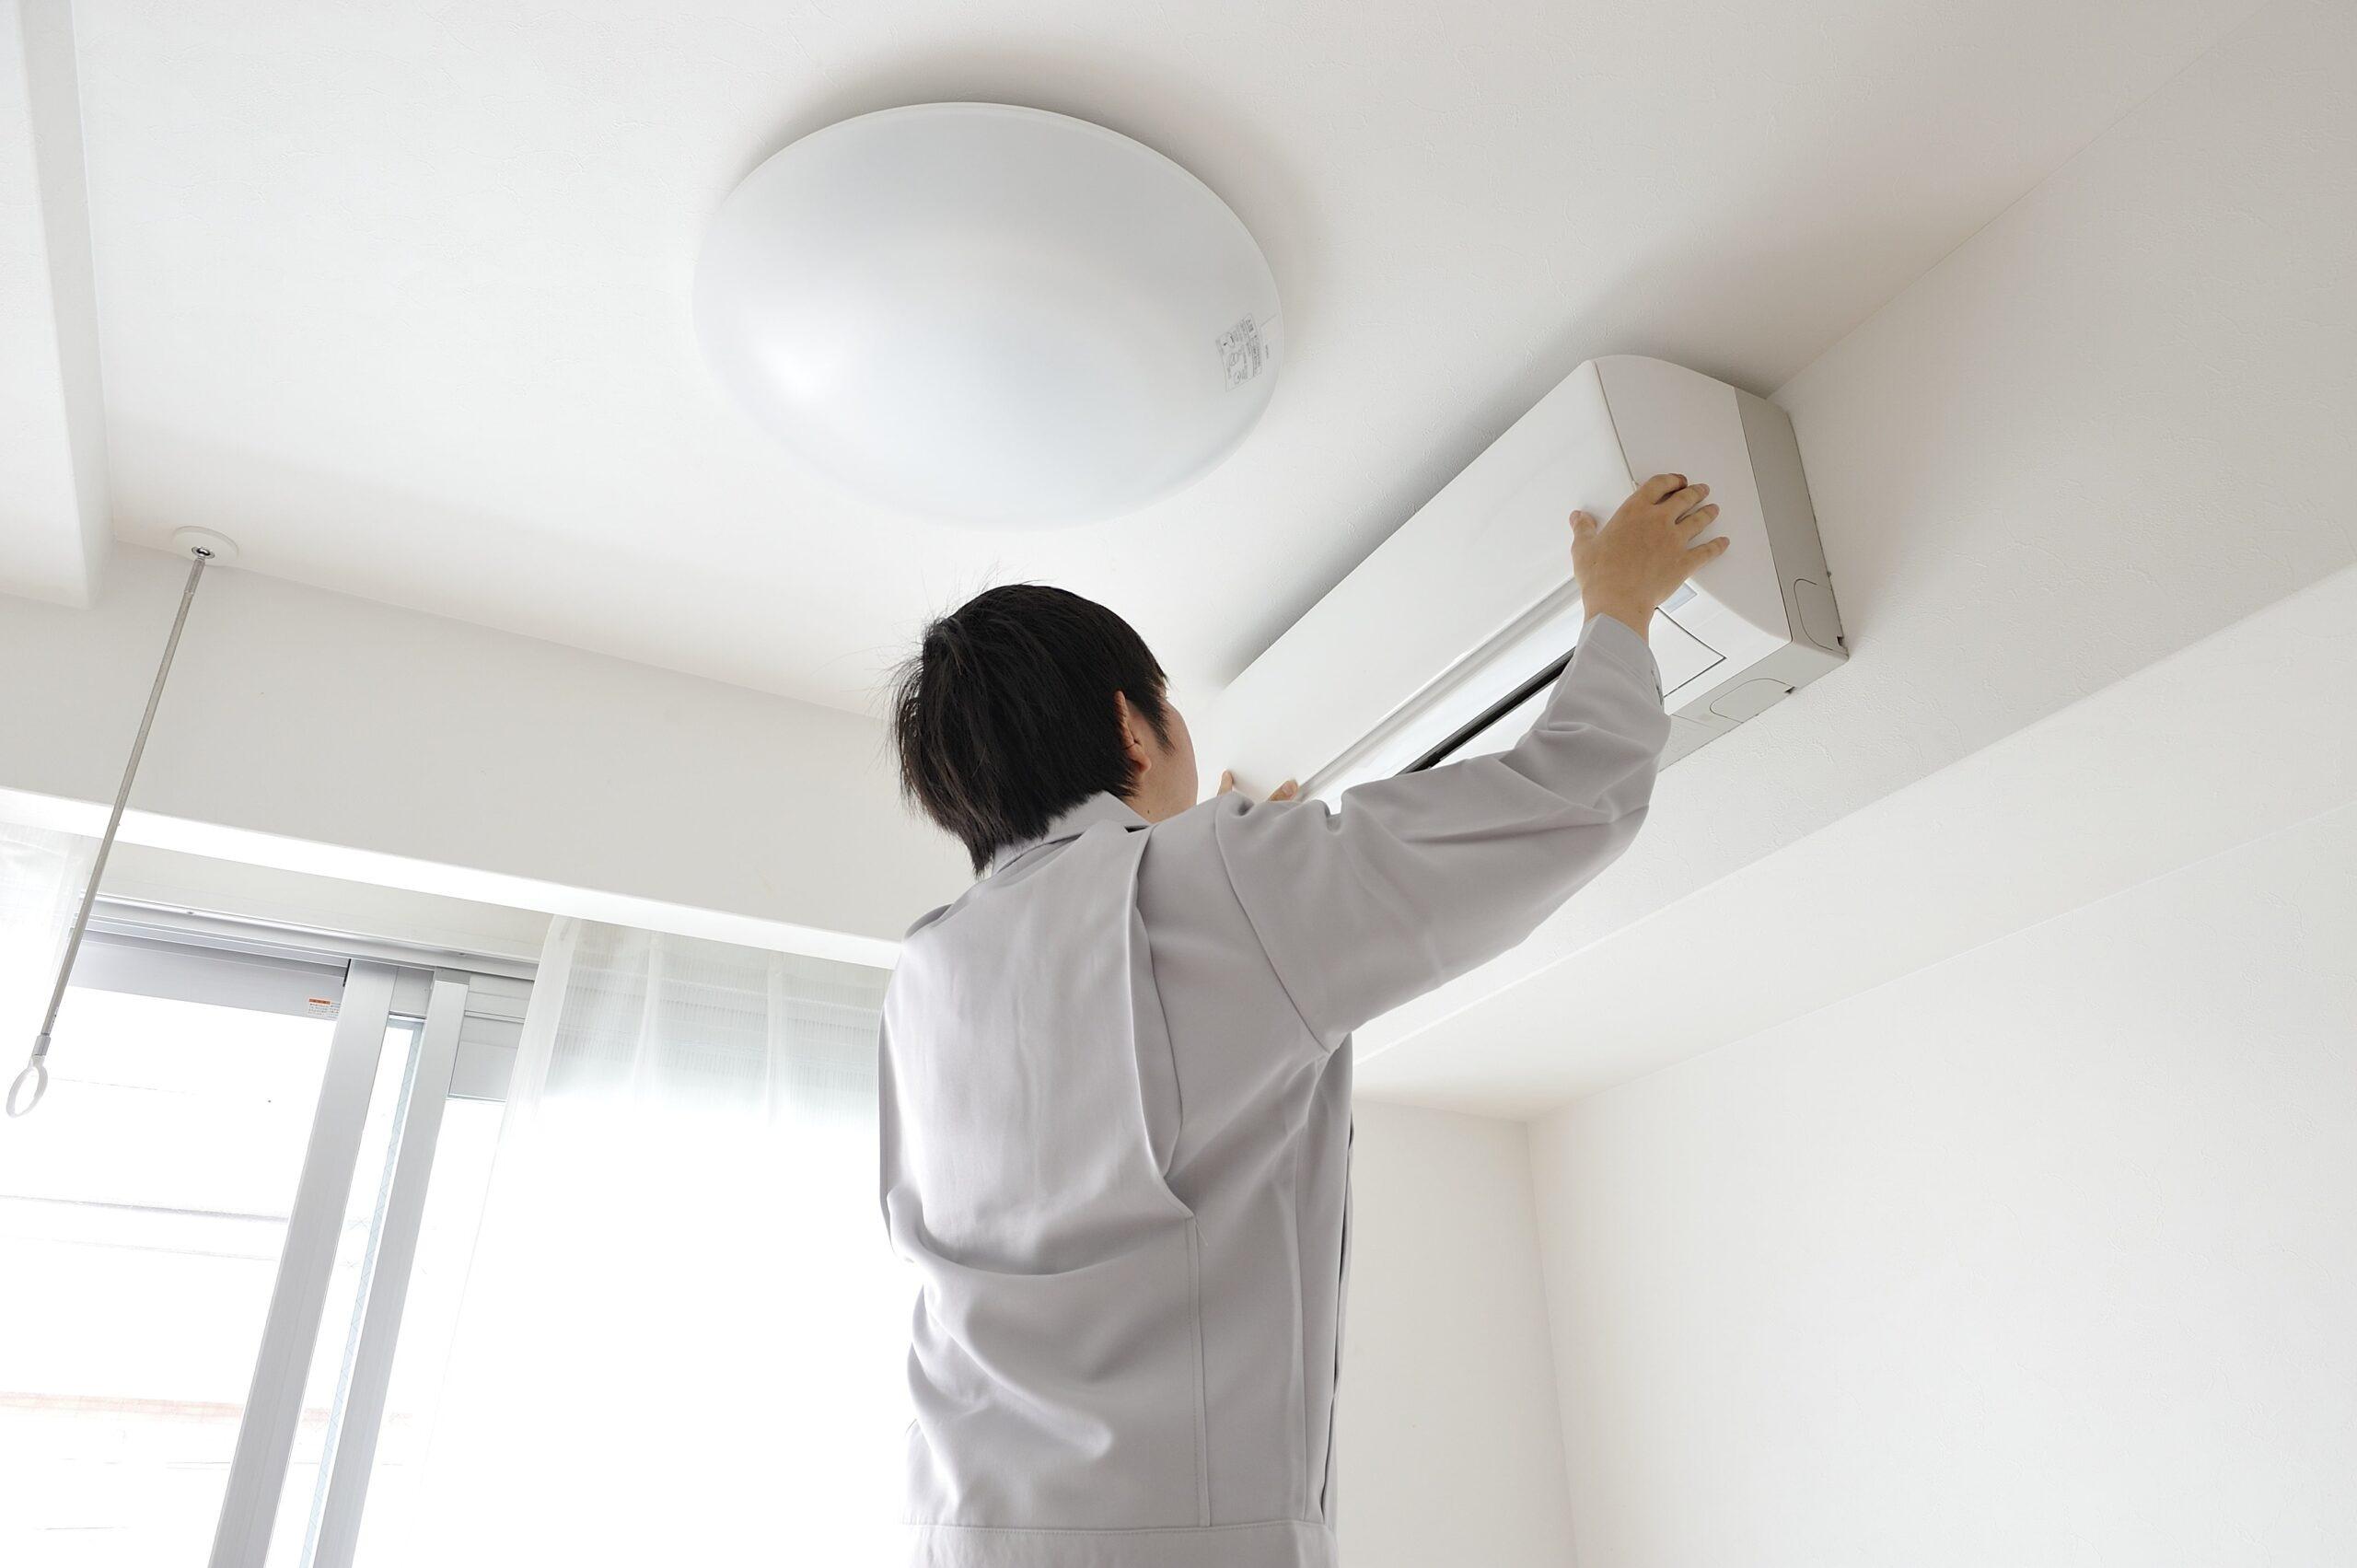 「業務用エアコンが故障した!『修理』と『買い替え』のポイントを見極めてコストを抑えよう!」を公開しました。